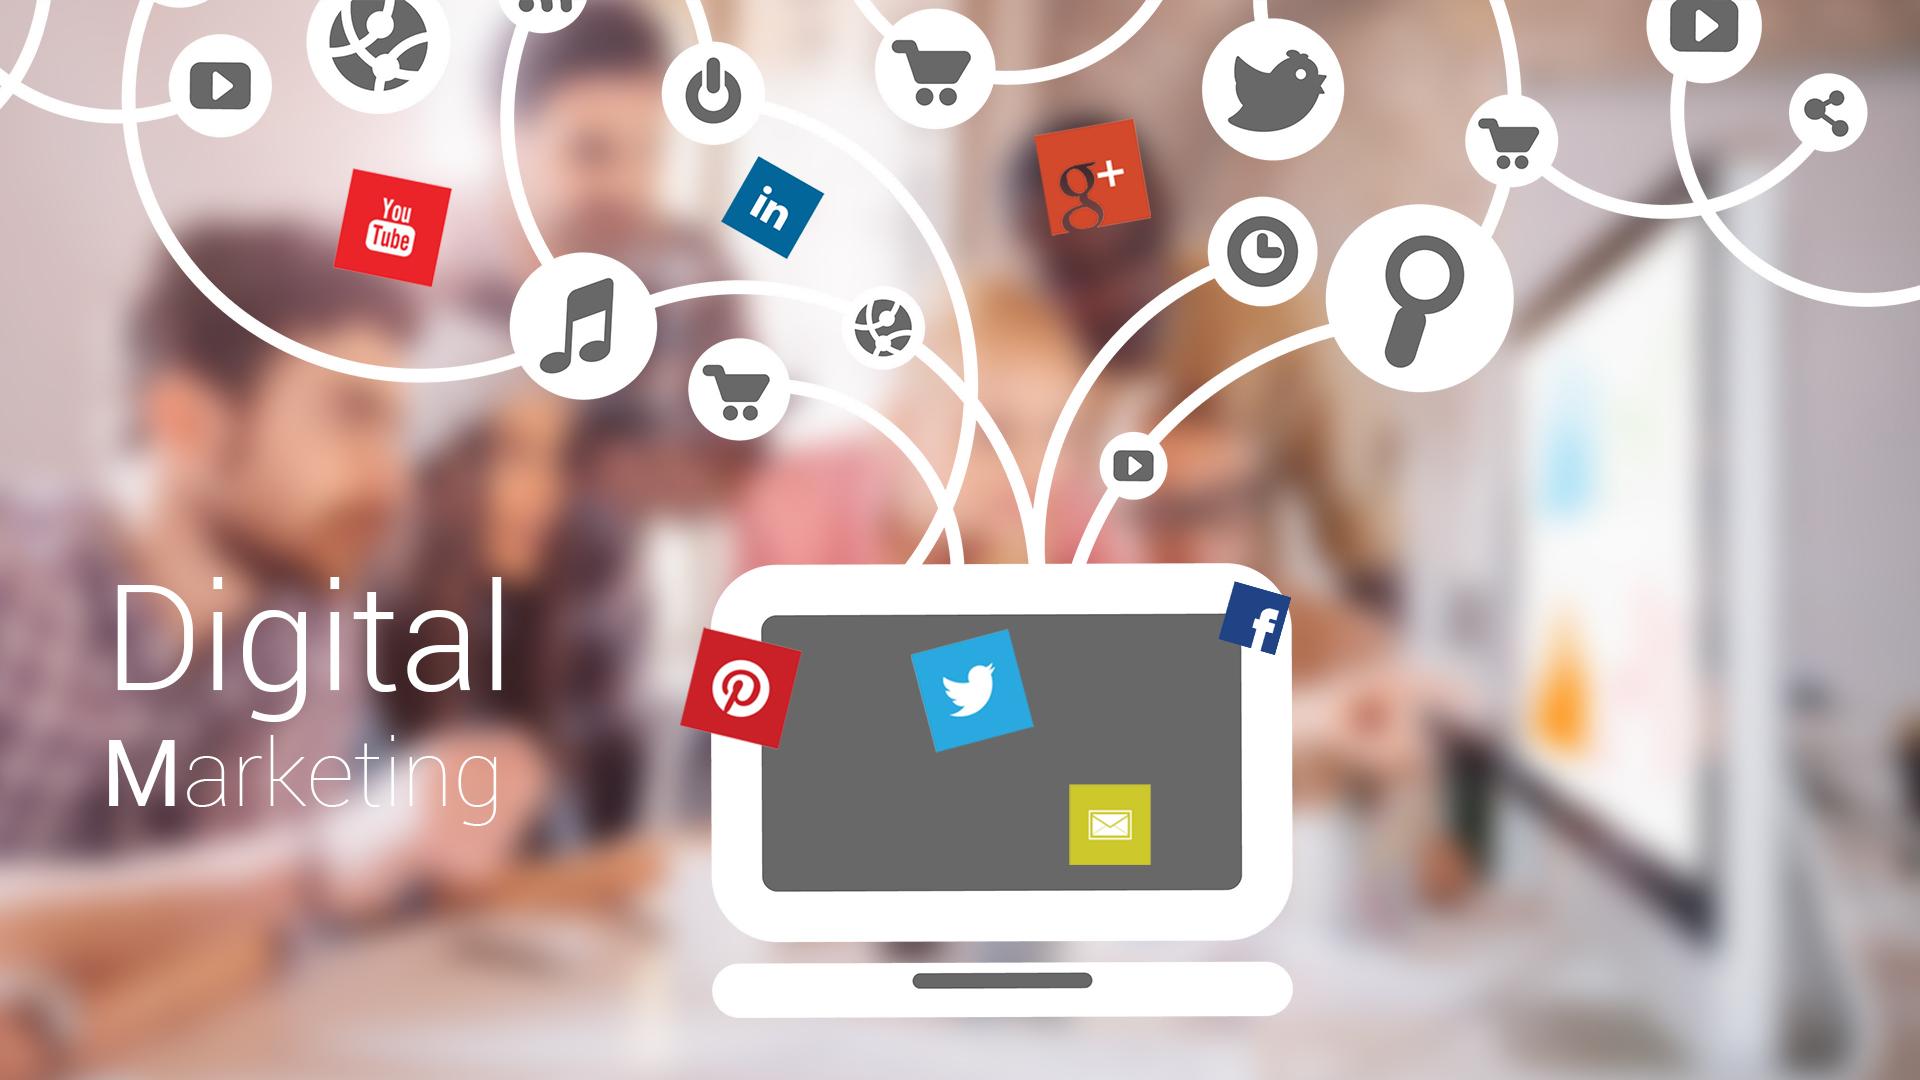 Digital marketing là gì? Cách làm digital marketing hiệu quả